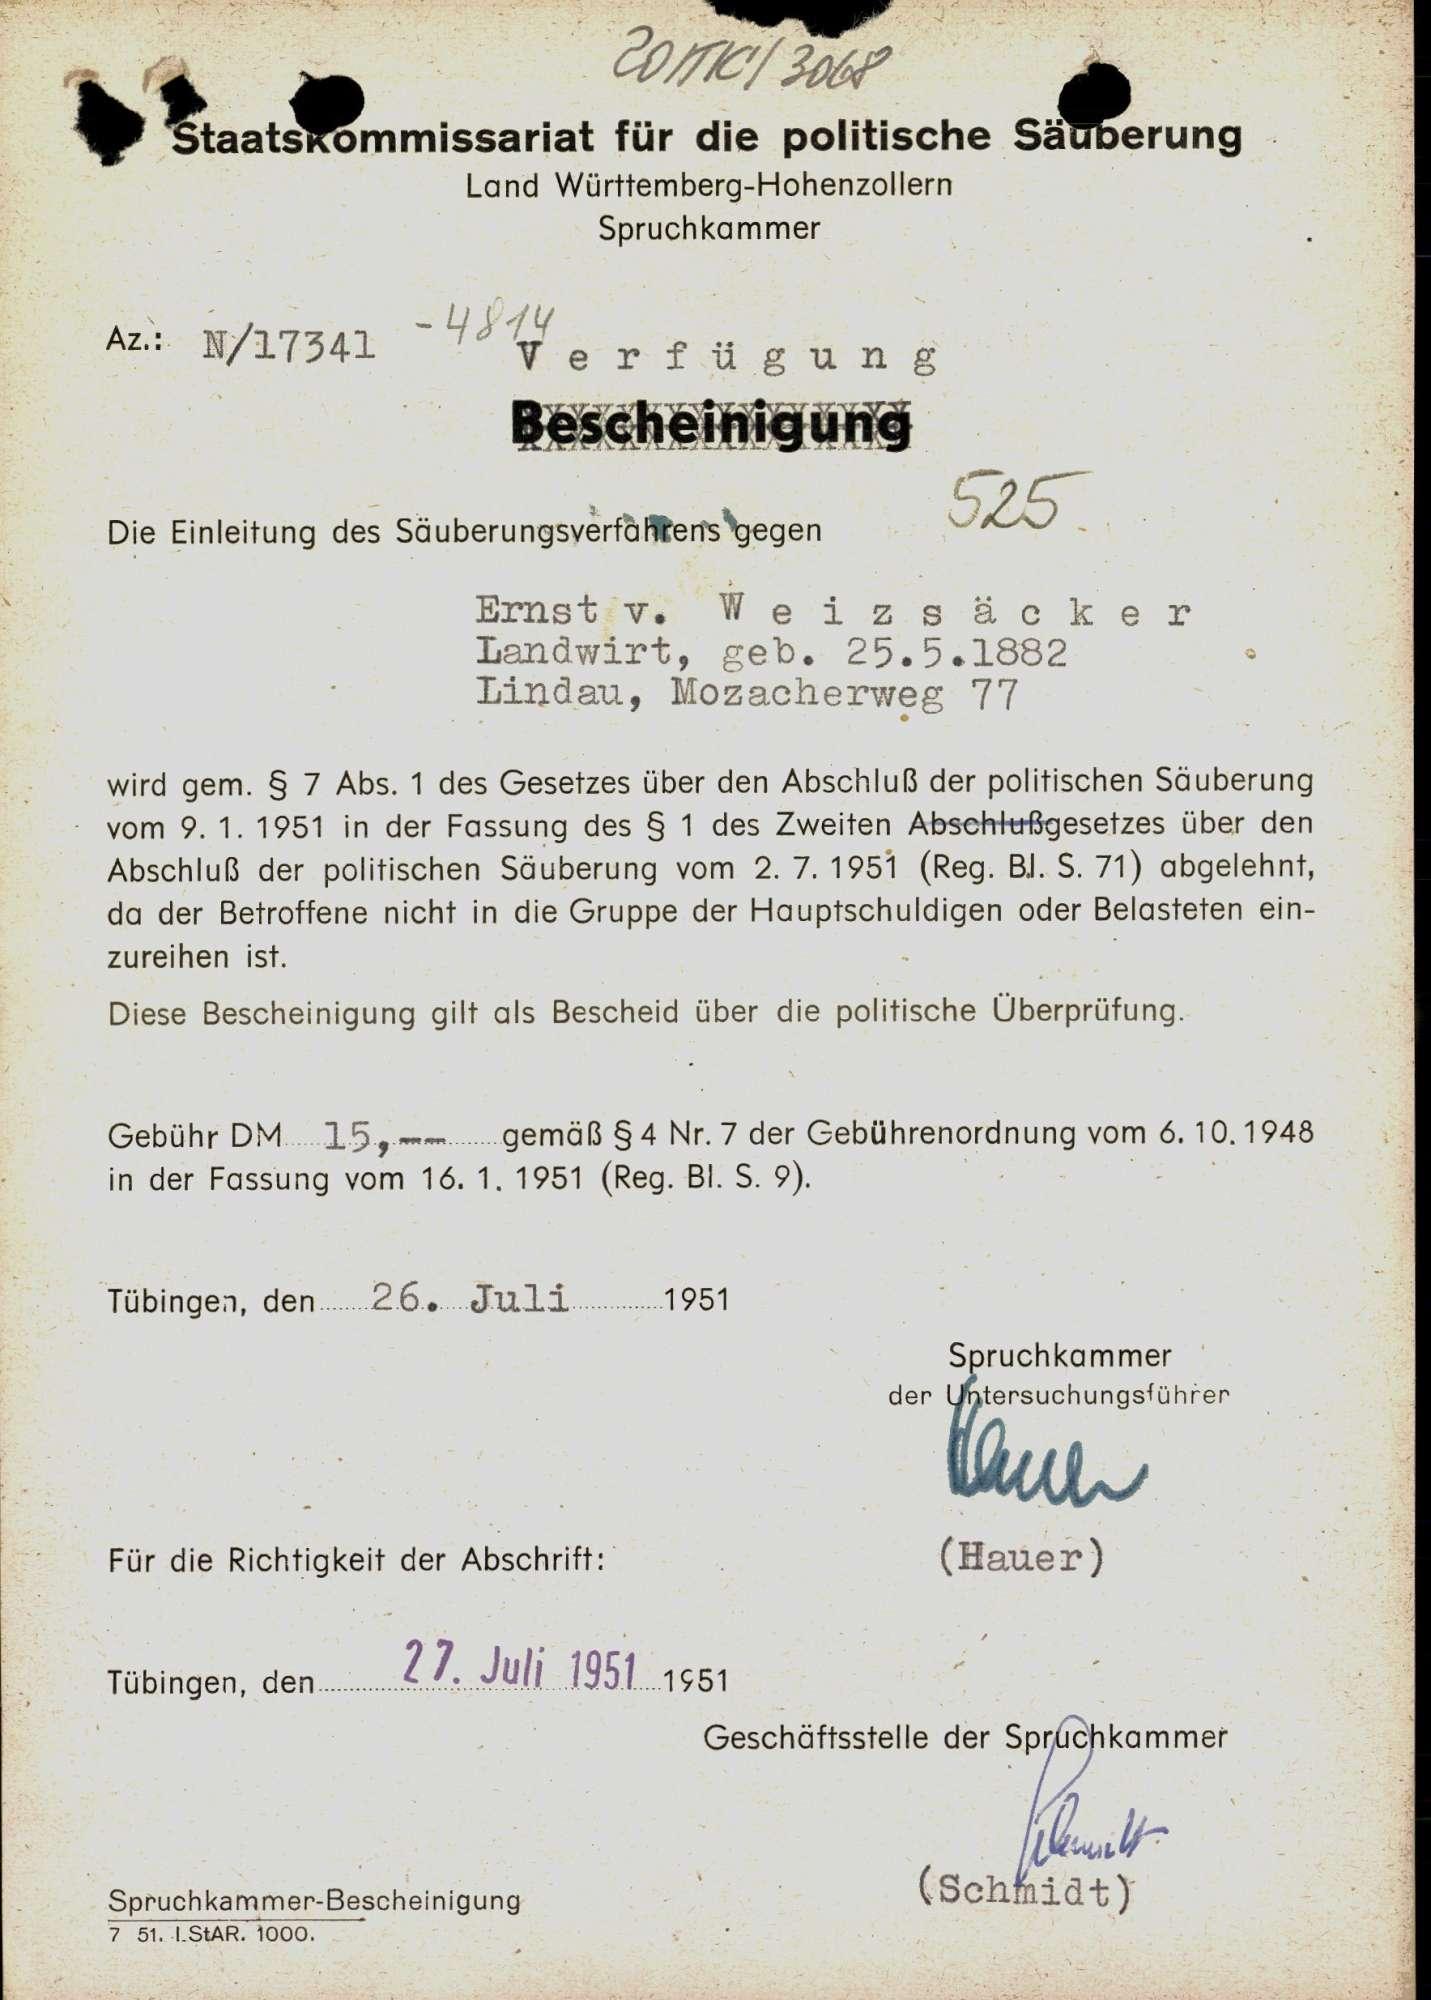 Weizsäcker, Ernst von, Bild 1